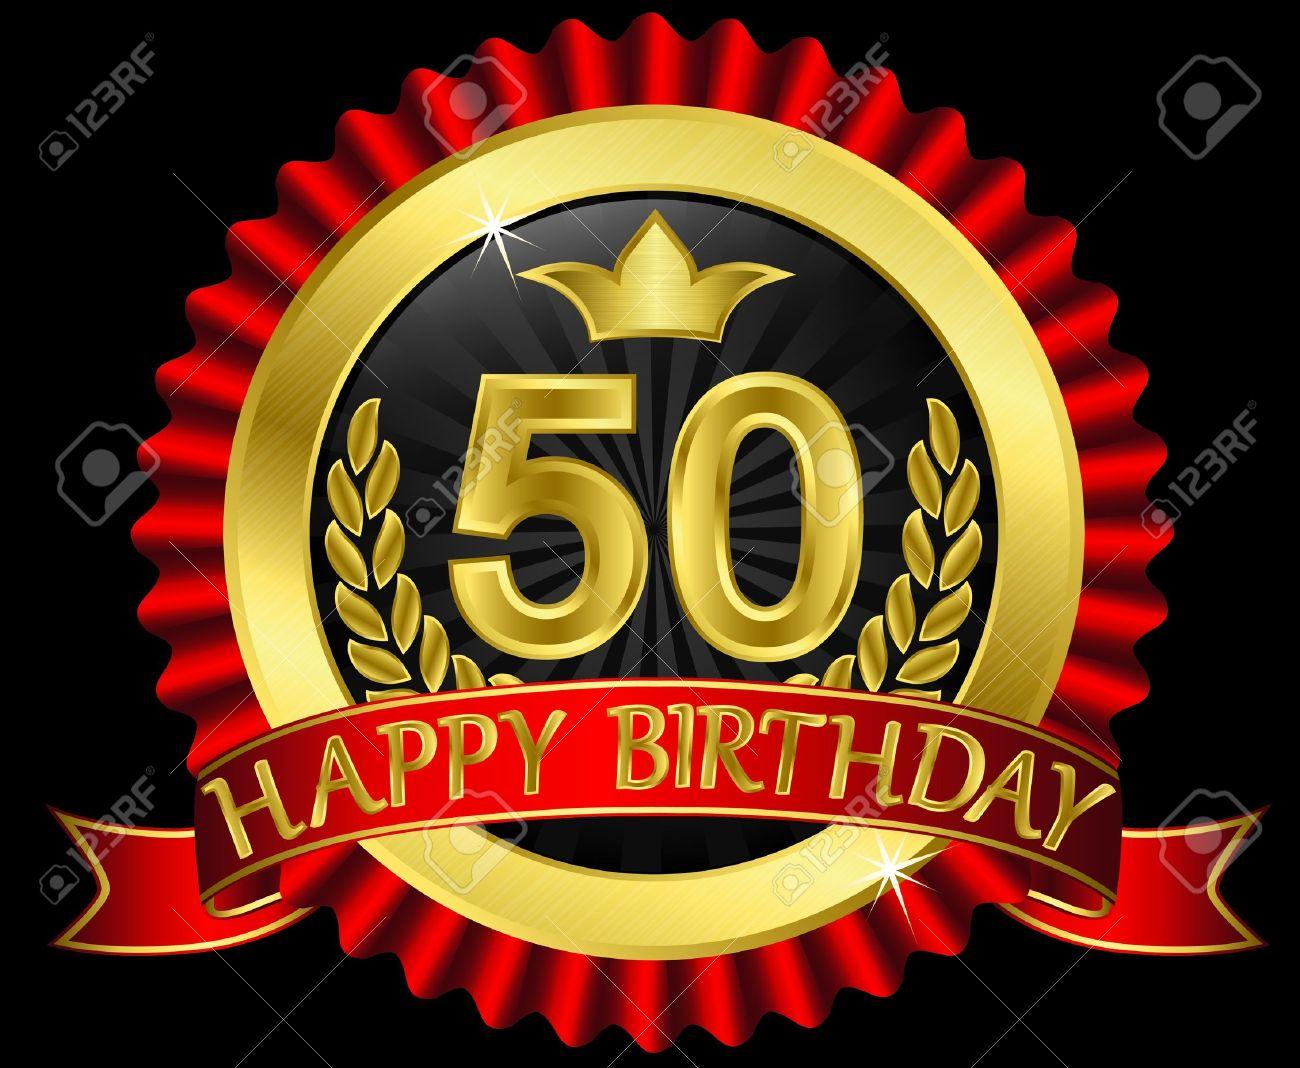 Super Immagini Di Buon Compleanno Per I 50 Anni. Fabulous Frasi  GD18